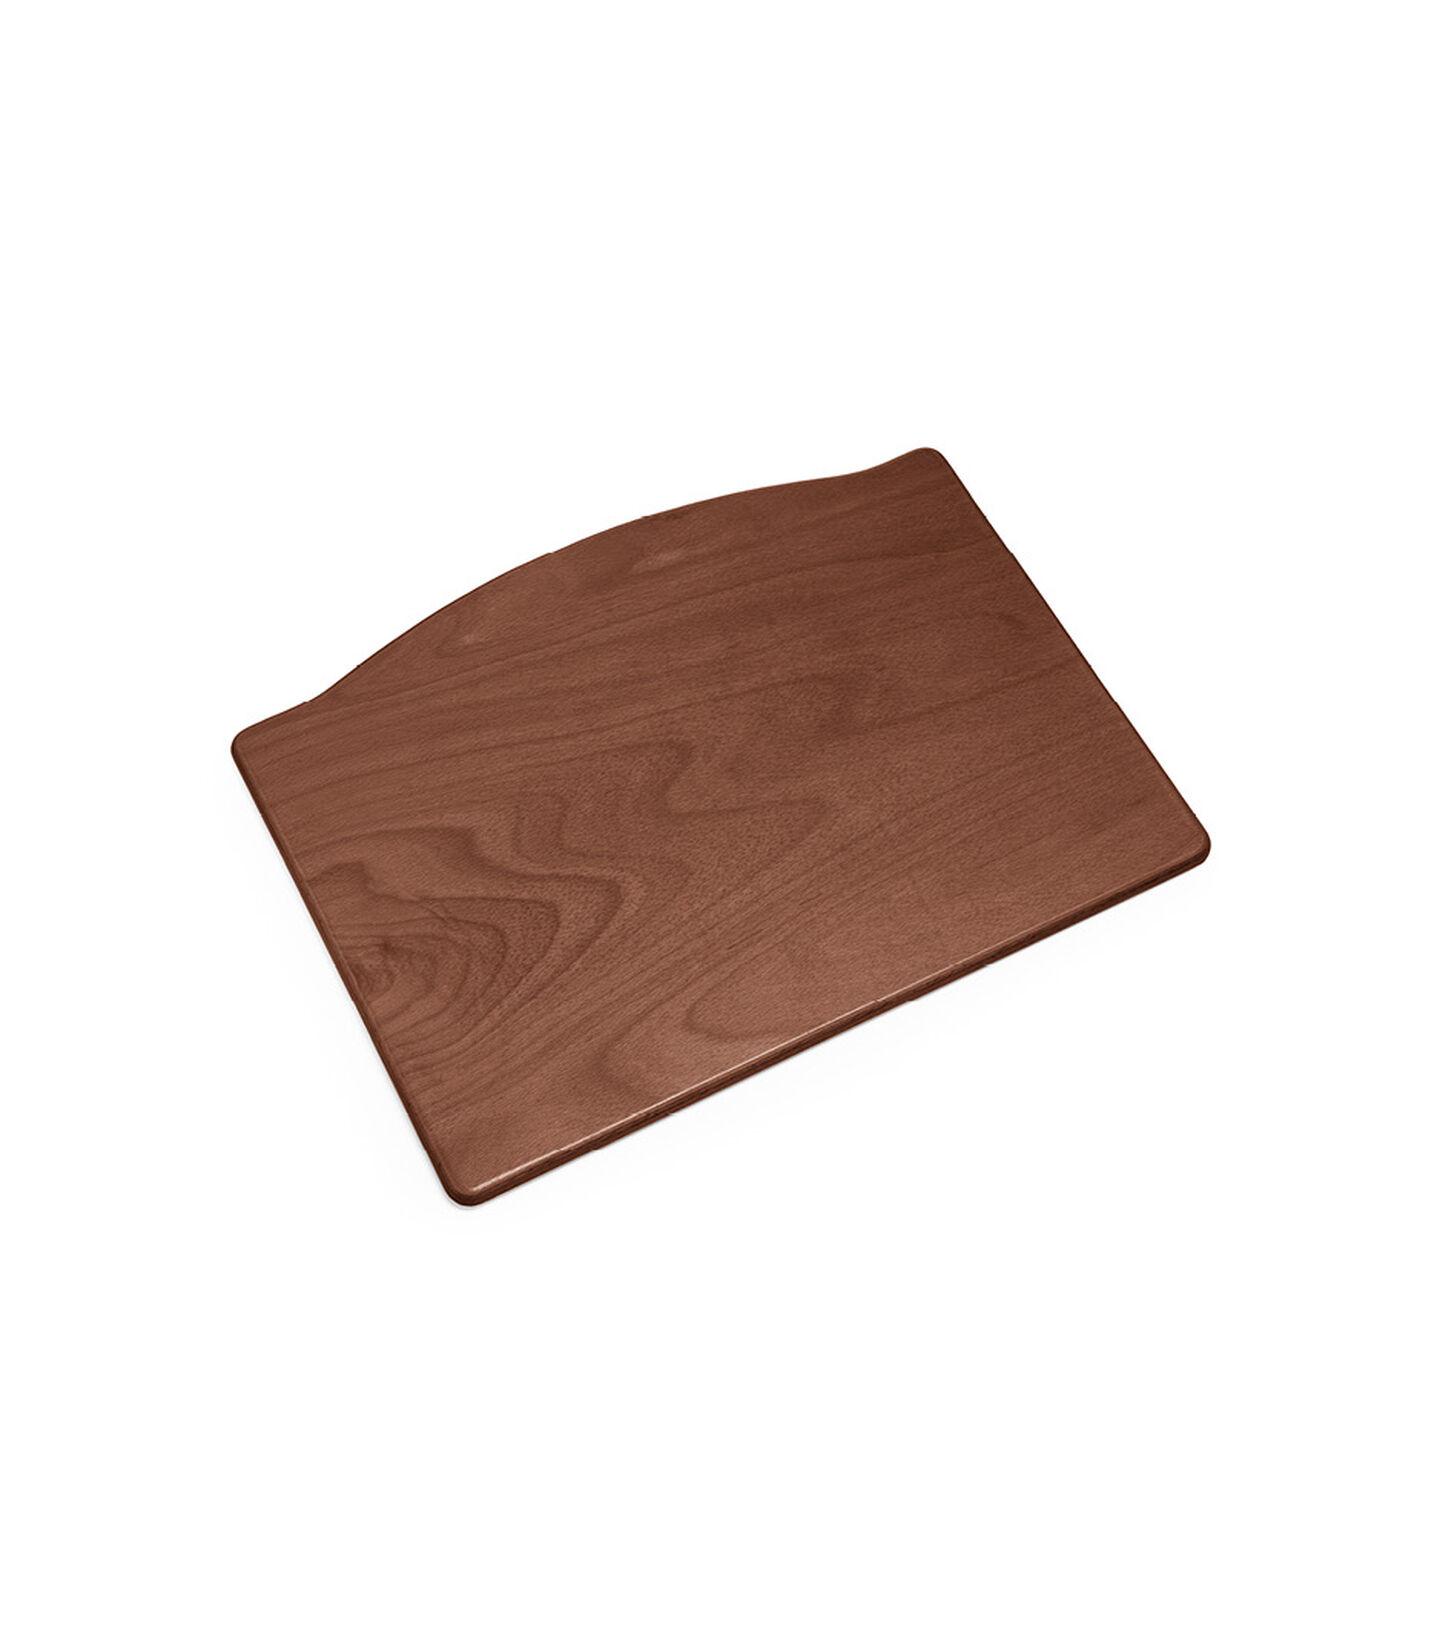 Tripp Trapp® Footplate Walnut Brown, Walnut, mainview view 1